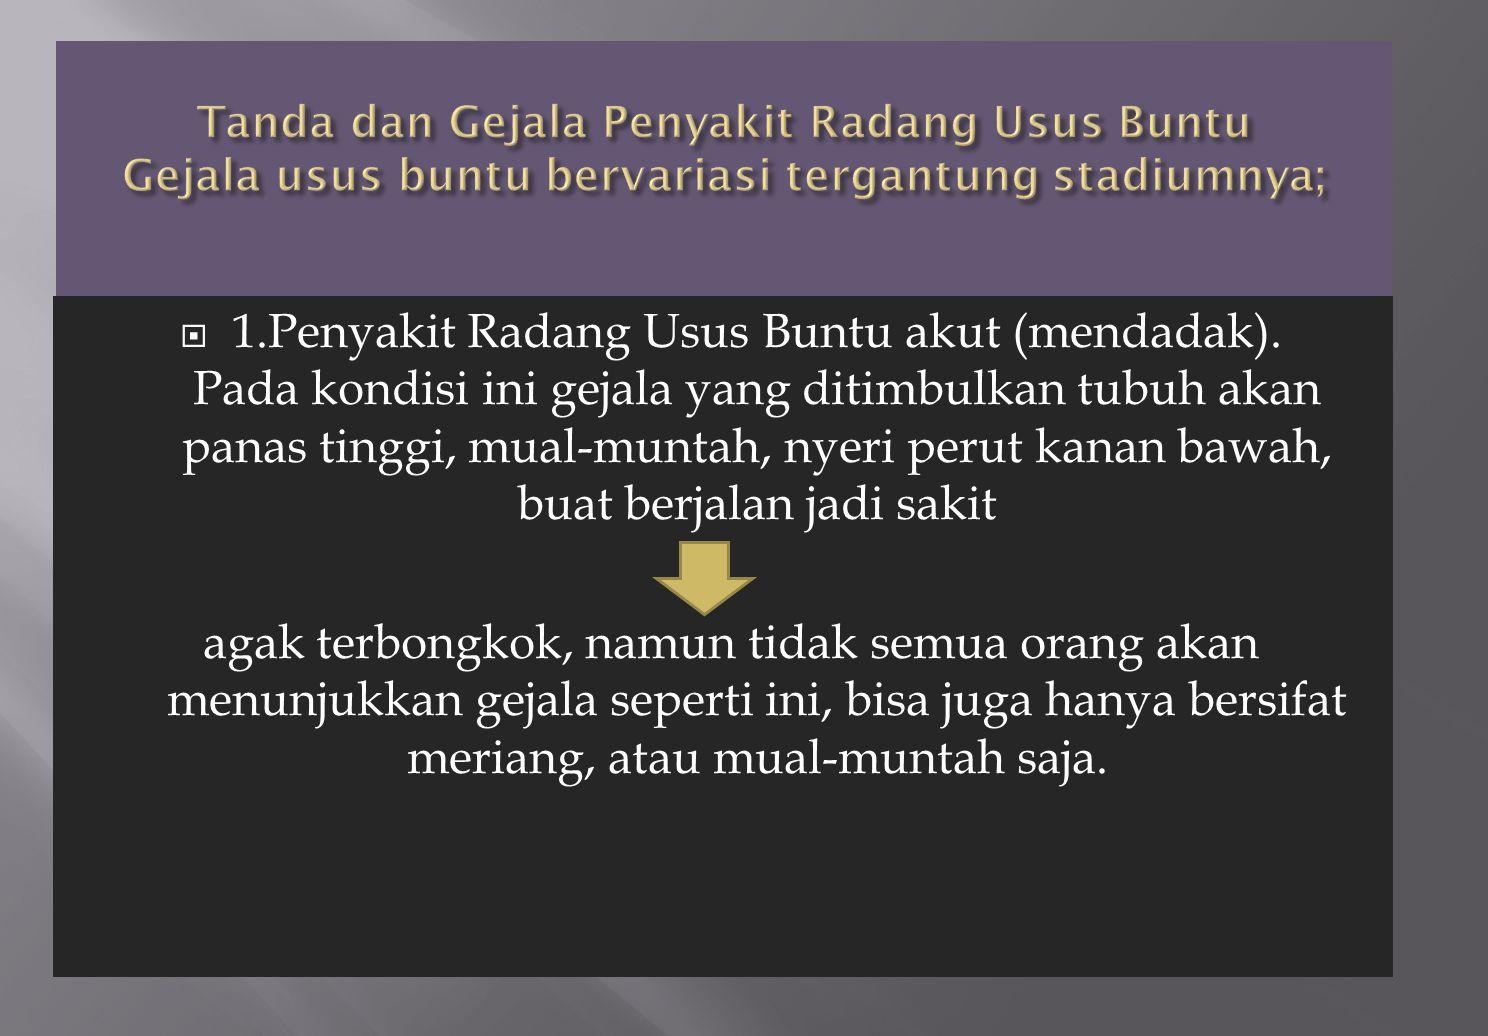 Tanda dan Gejala Penyakit Radang Usus Buntu Gejala usus buntu bervariasi tergantung stadiumnya;